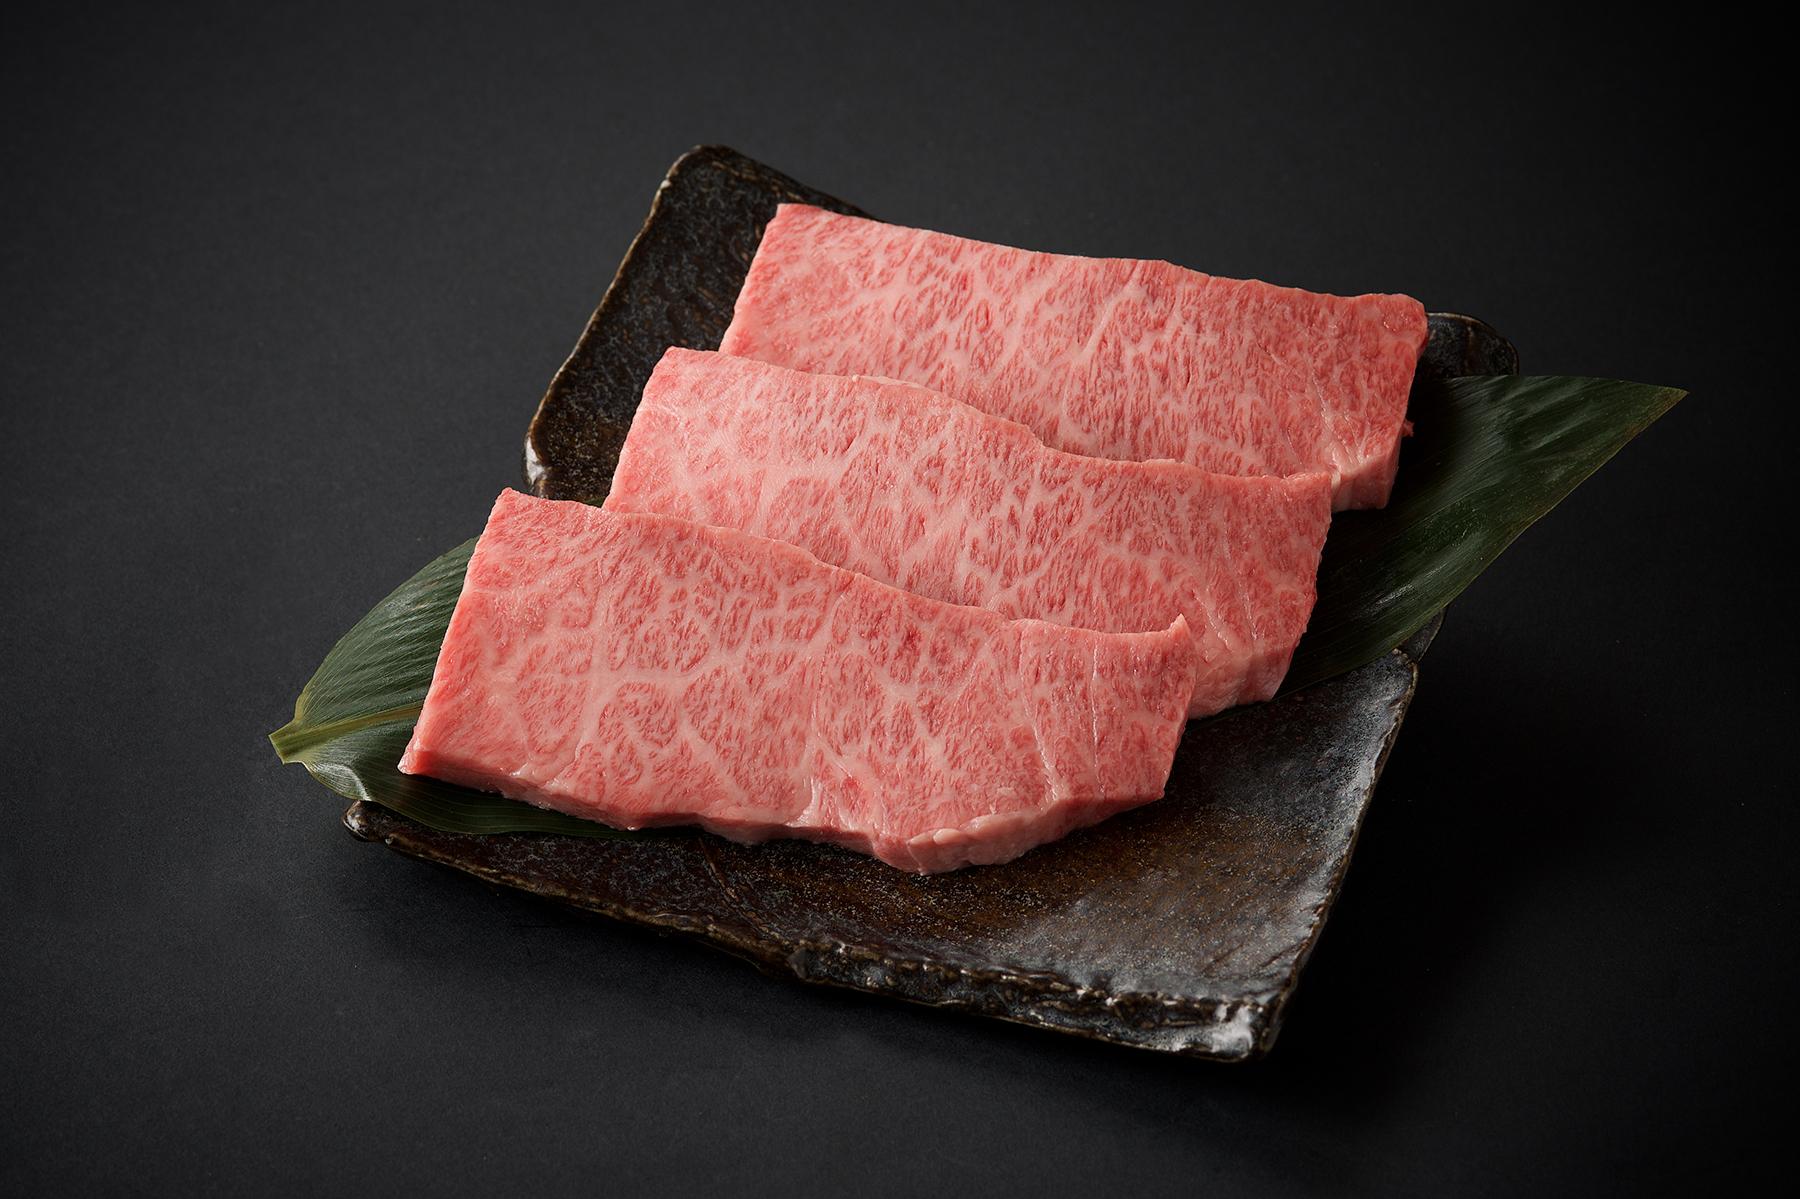 九州産黒毛和牛 ハネシタステーキ/1枚約100g